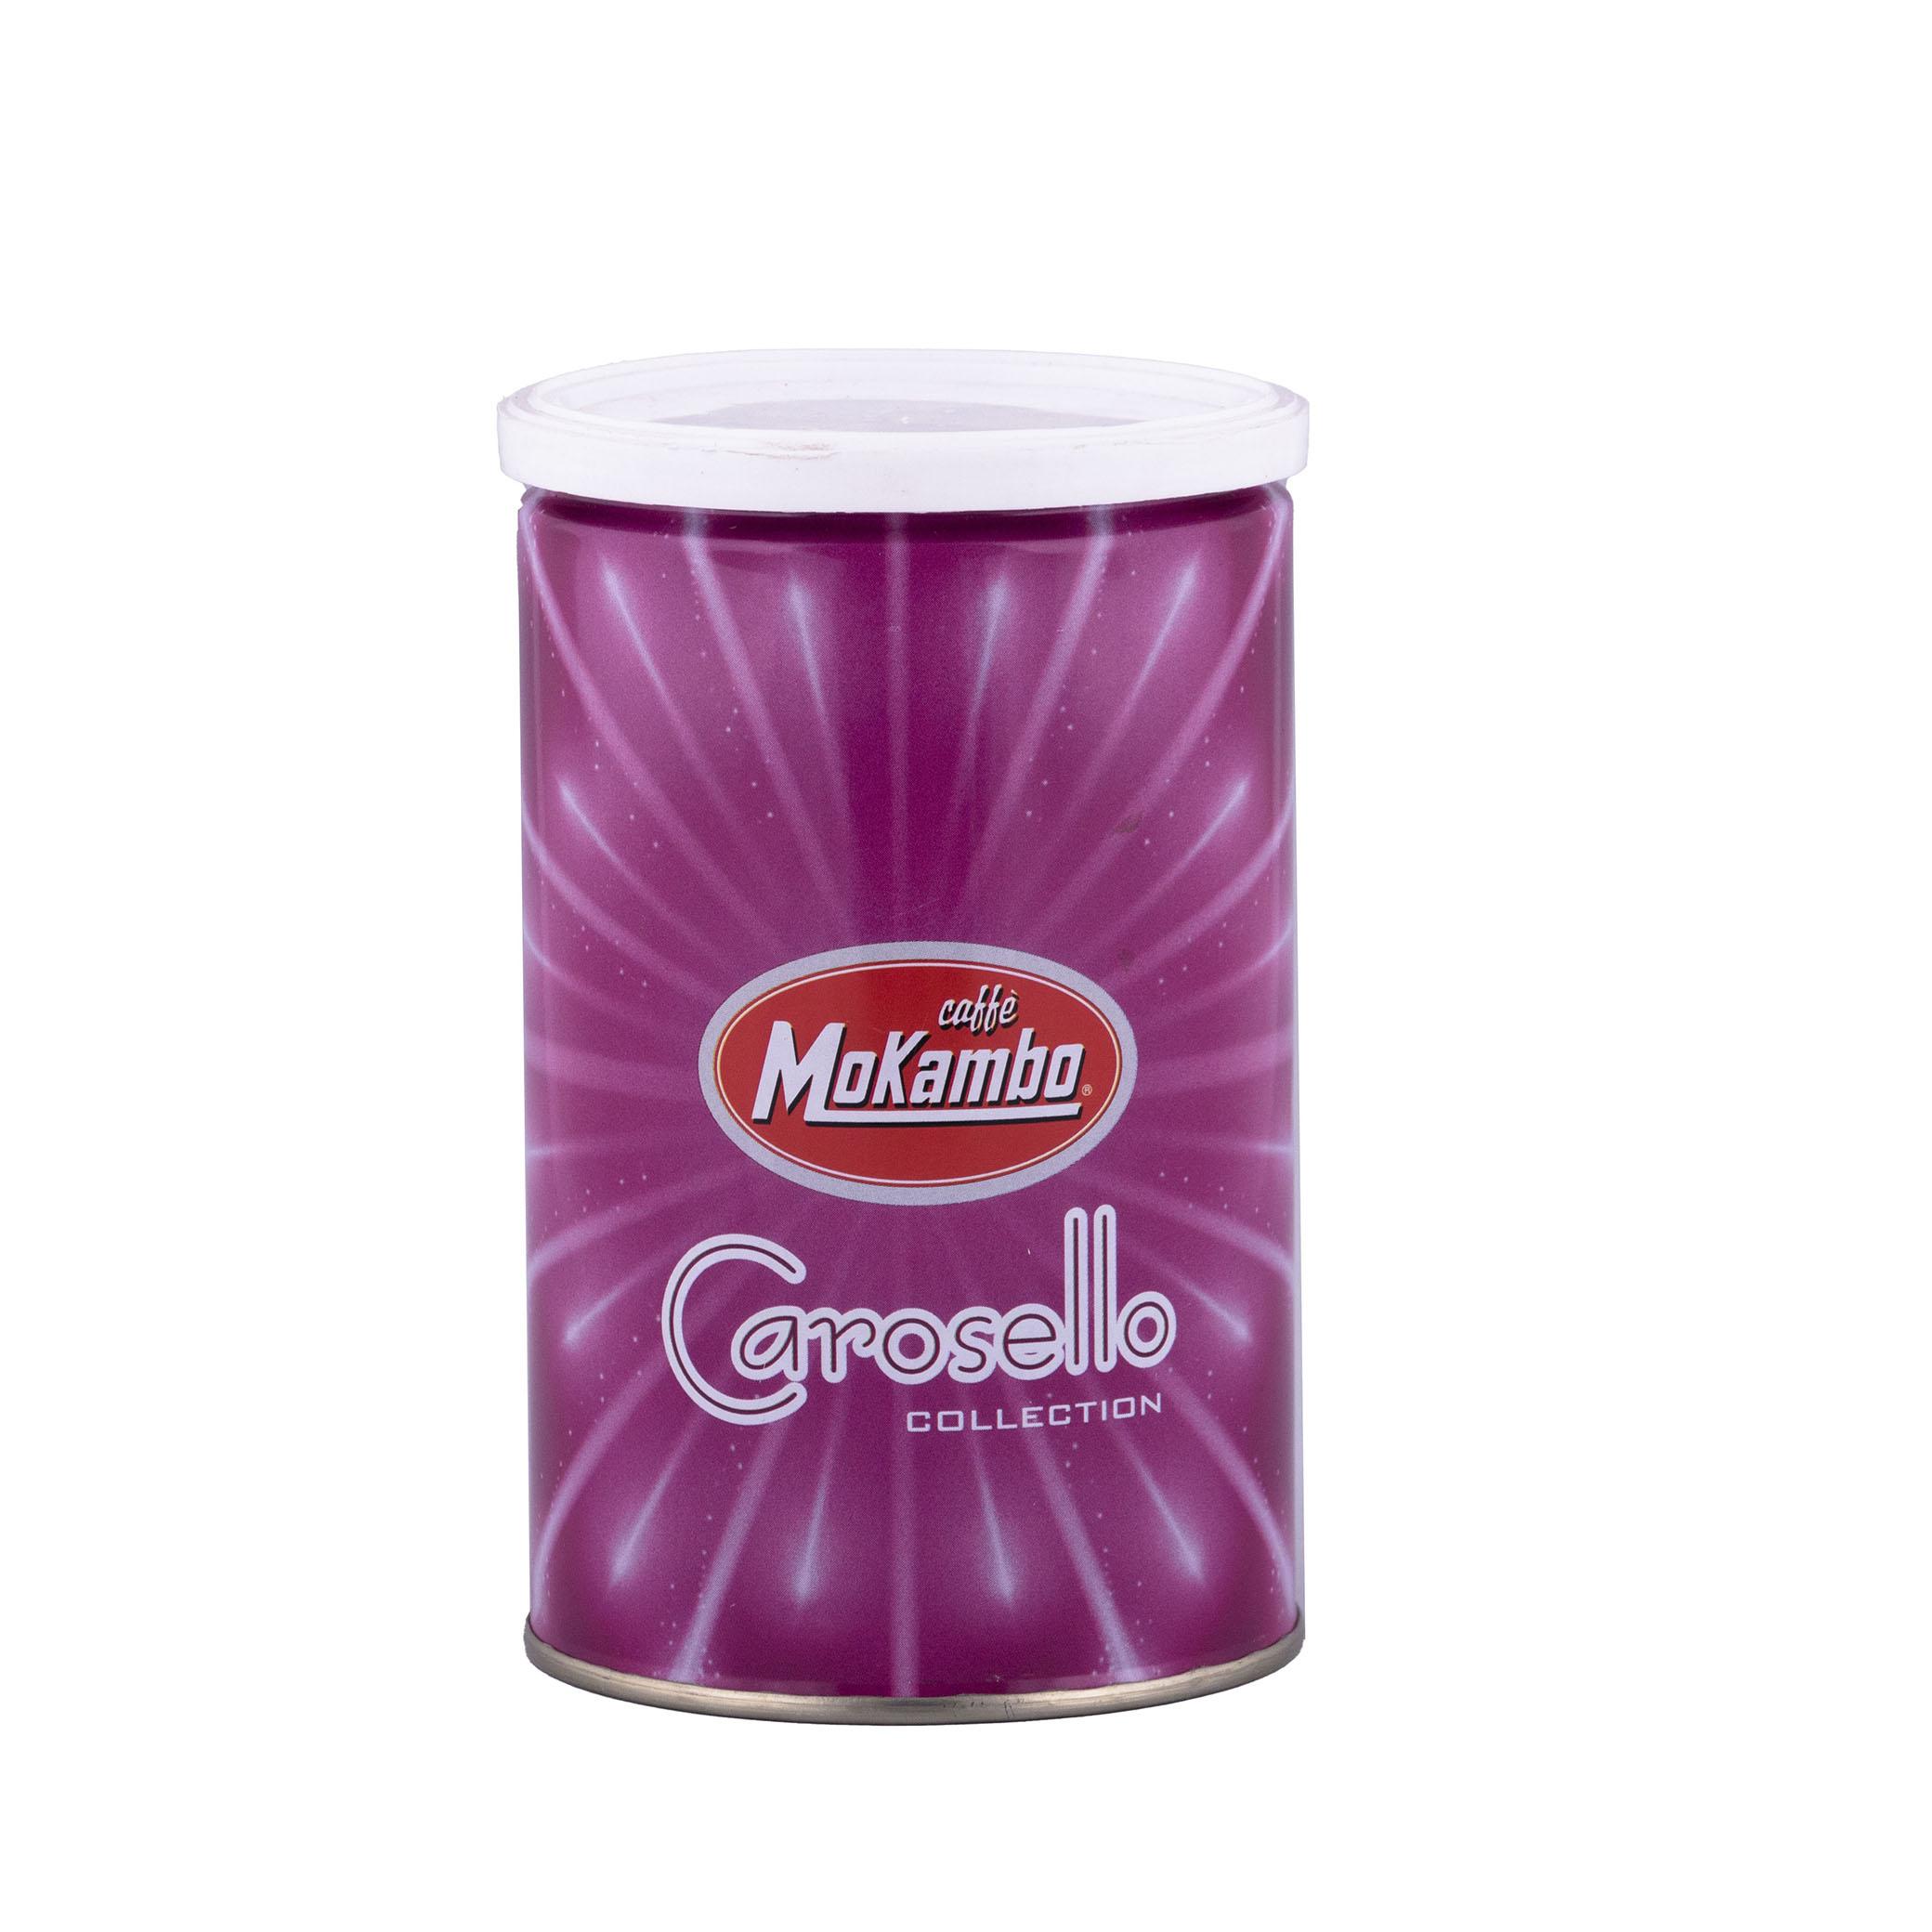 پودر قهوه اسپرسو کارسلو ویولت موکامبو - 250 گرم